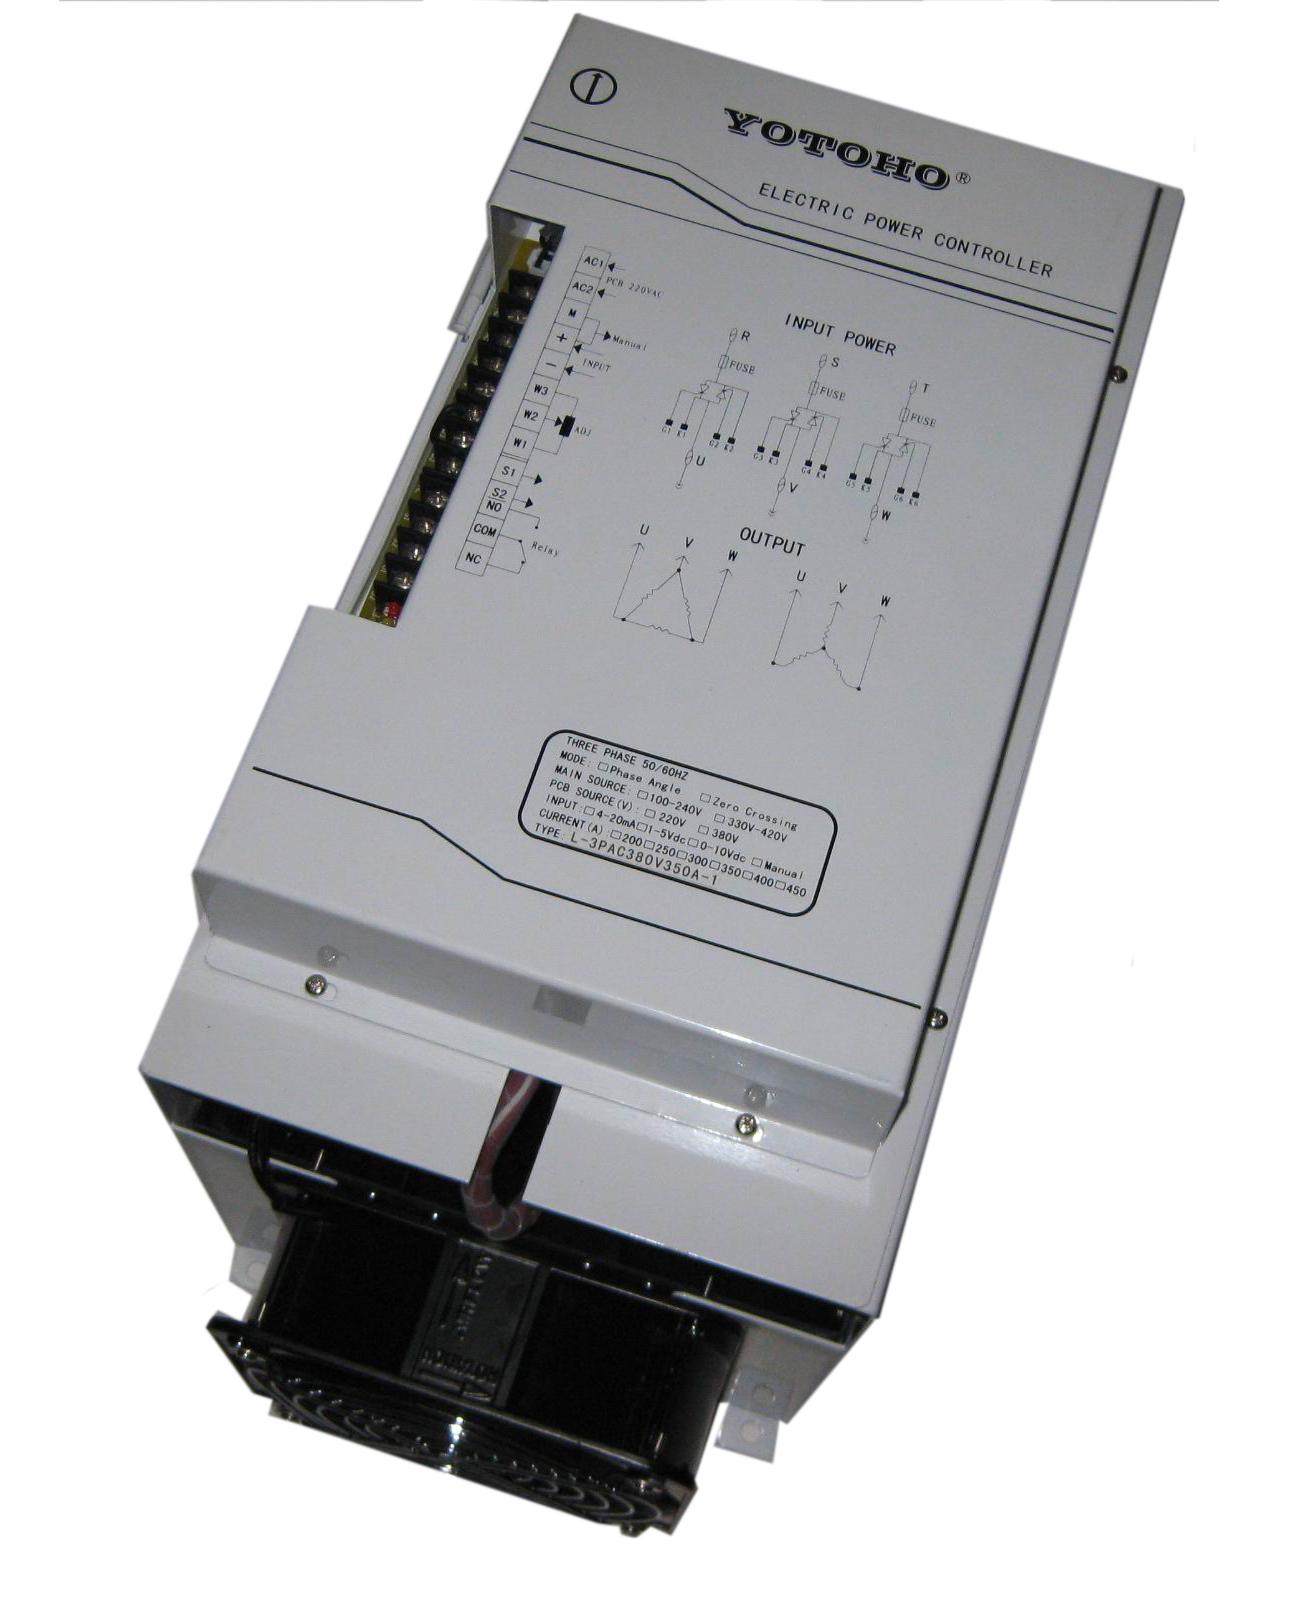 台湾三图科技有限公司,成立于台湾台北,是一家集工业控制仪表、工业电器、传感器、信号处理系统的研制、生产、销售及配套服务于一体的综合型公司。目前在国内有一家自动化仪表厂和一家电子加工厂,经过不断的发展和积累,现已能批量生产:温度、传感、时间、计数、转速、频率、电压、电流、功率、电量传感变送器、隔离器、配电器、SCR电力调整器、调节仪、接近开关、光电开关、压力、差压变送器及流量计等几十个系列,近万种规格型号的测控产品;并承接推拉力测试机、电子精密测试设备与节能环保工程;公司拥有较强的核心技术与核心力量,产品远